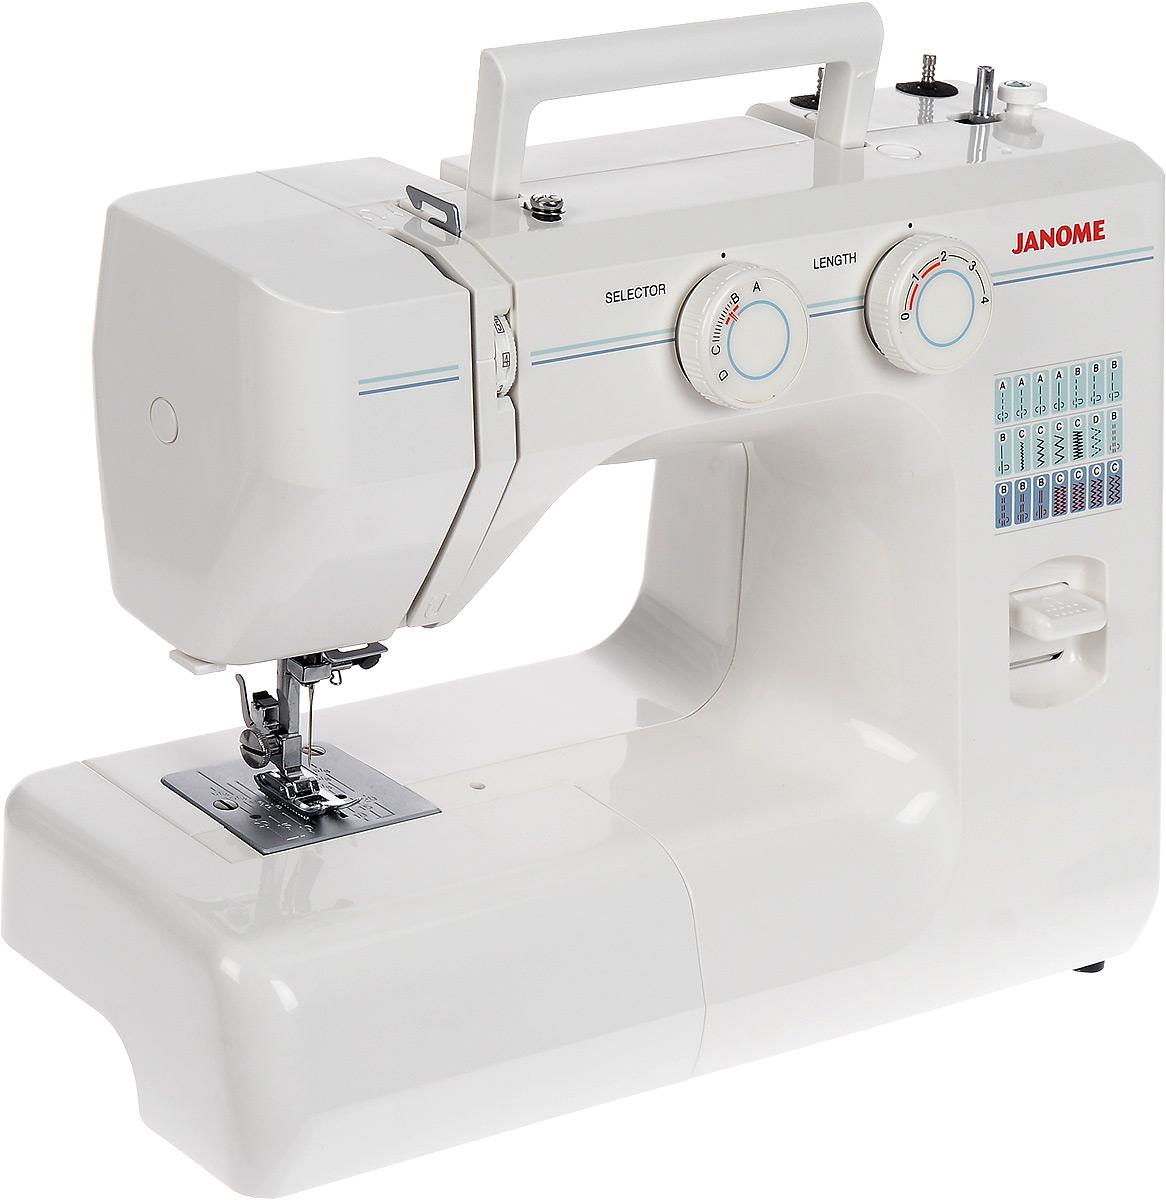 Janome 2004 швейная машина швейная машинка janome sew mini deluxe